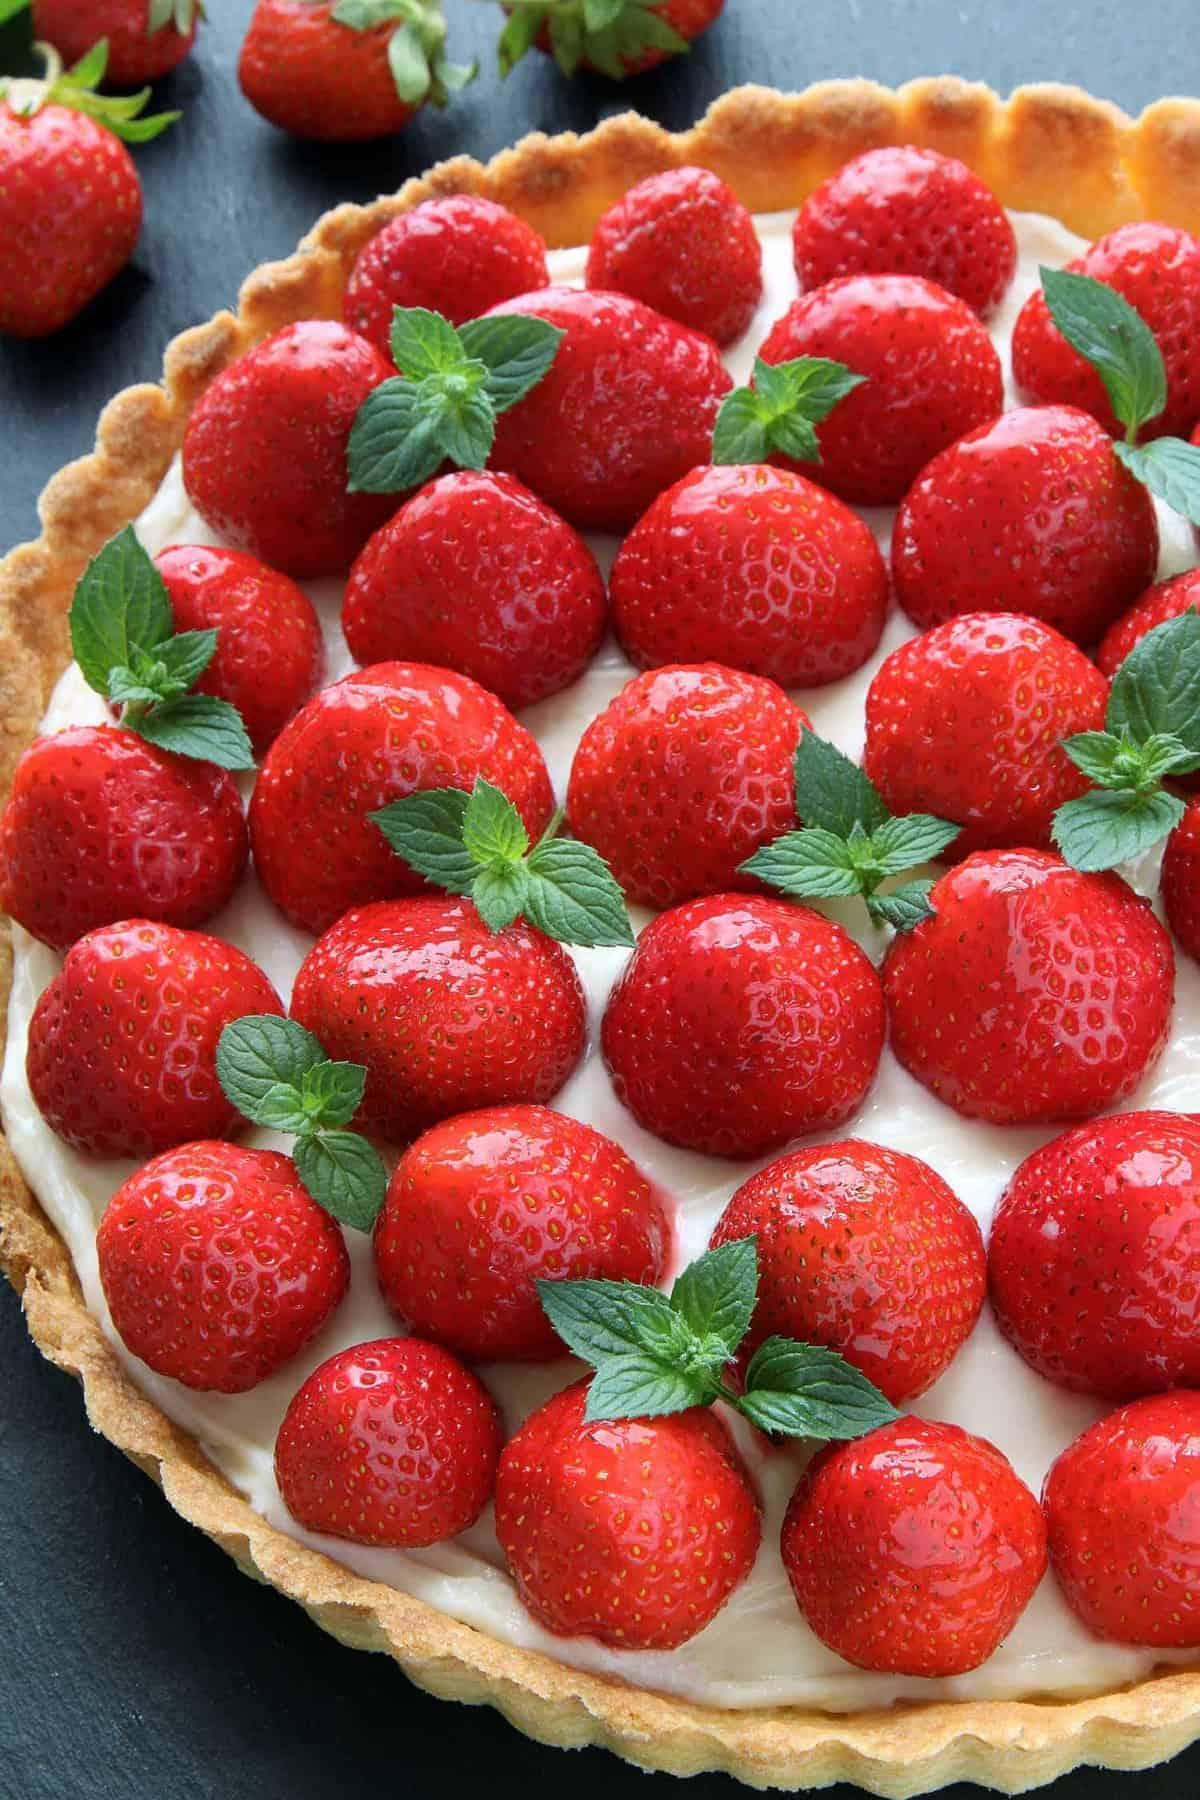 Strawberry Cream Cheese Tart My Baking Addiction